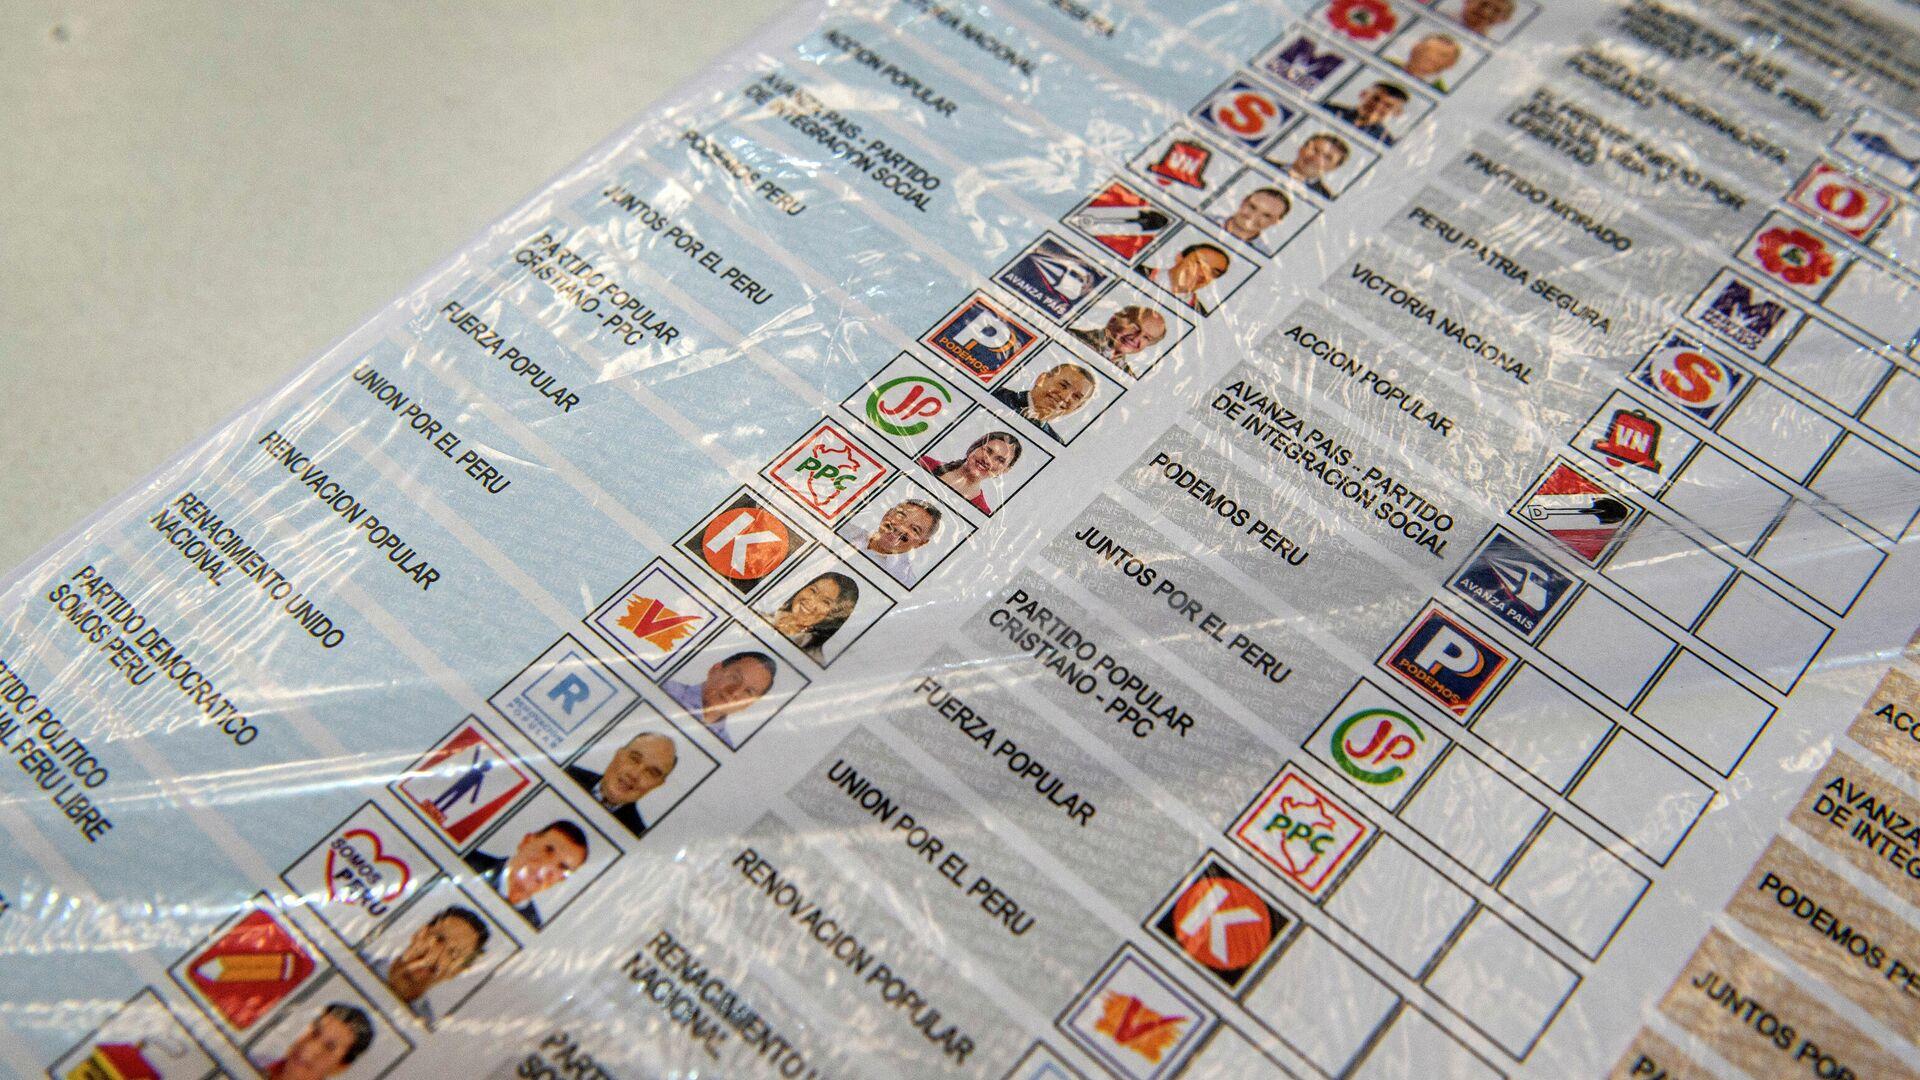 Una papeleta para las elecciones del 11 de abril en Perú - Sputnik Mundo, 1920, 10.04.2021